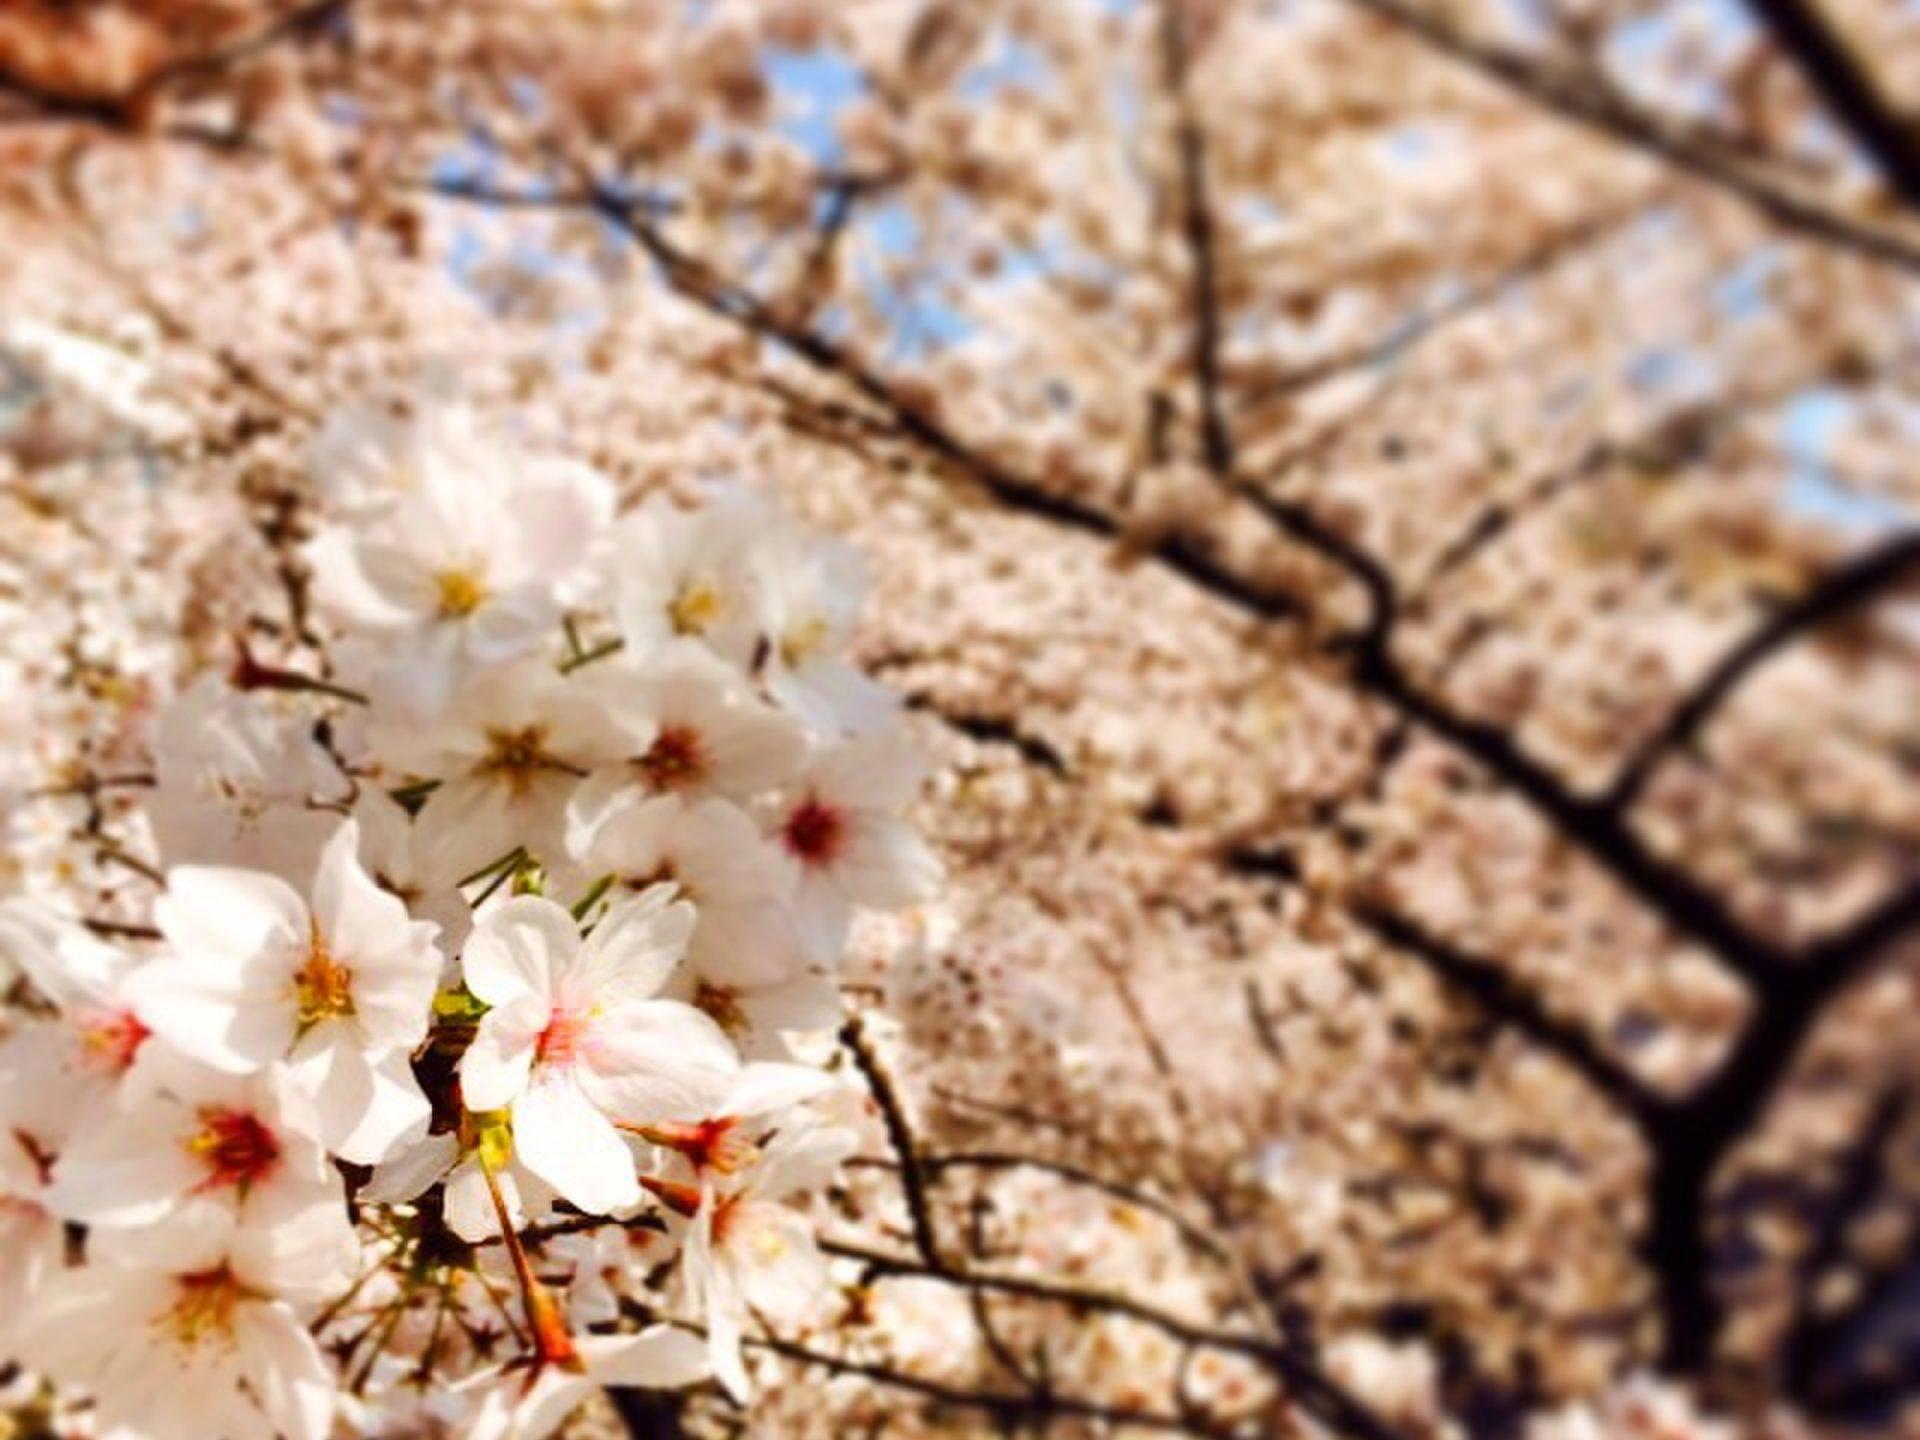 桜満開!六本木のアーク森ビル周辺でお花見しましょう♡